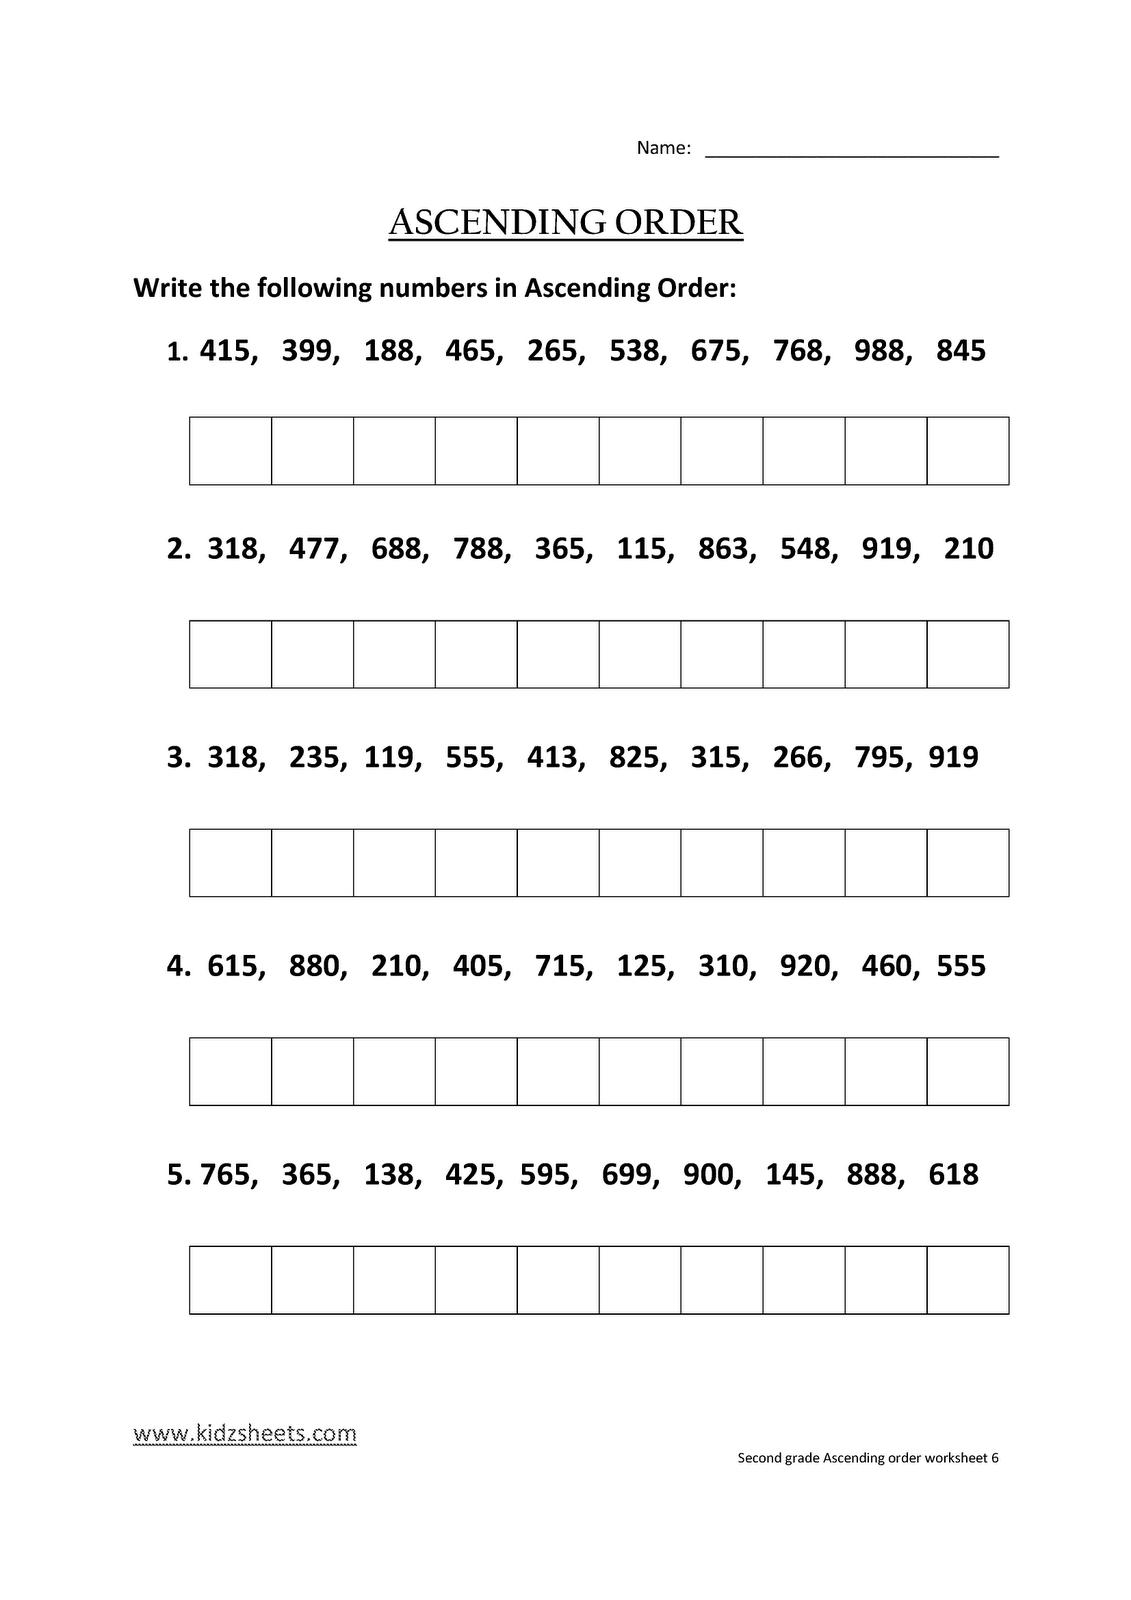 Kidz Worksheets Second Grade Ascending Order Worksheet6